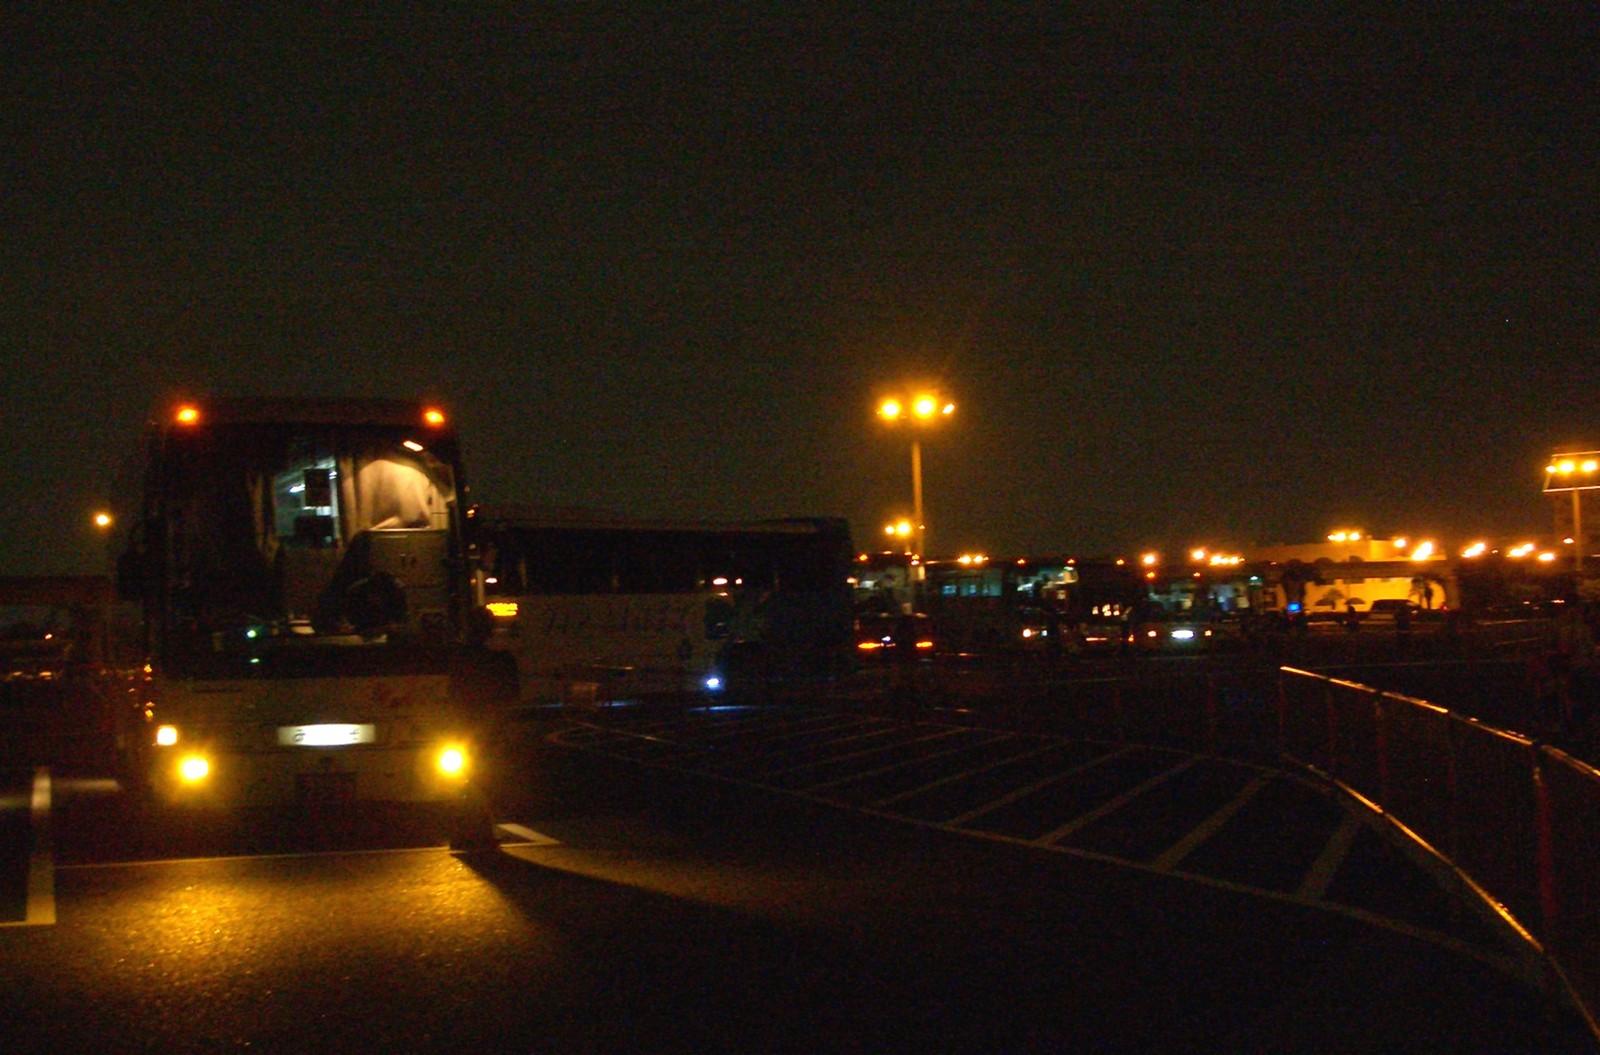 Highwaybus